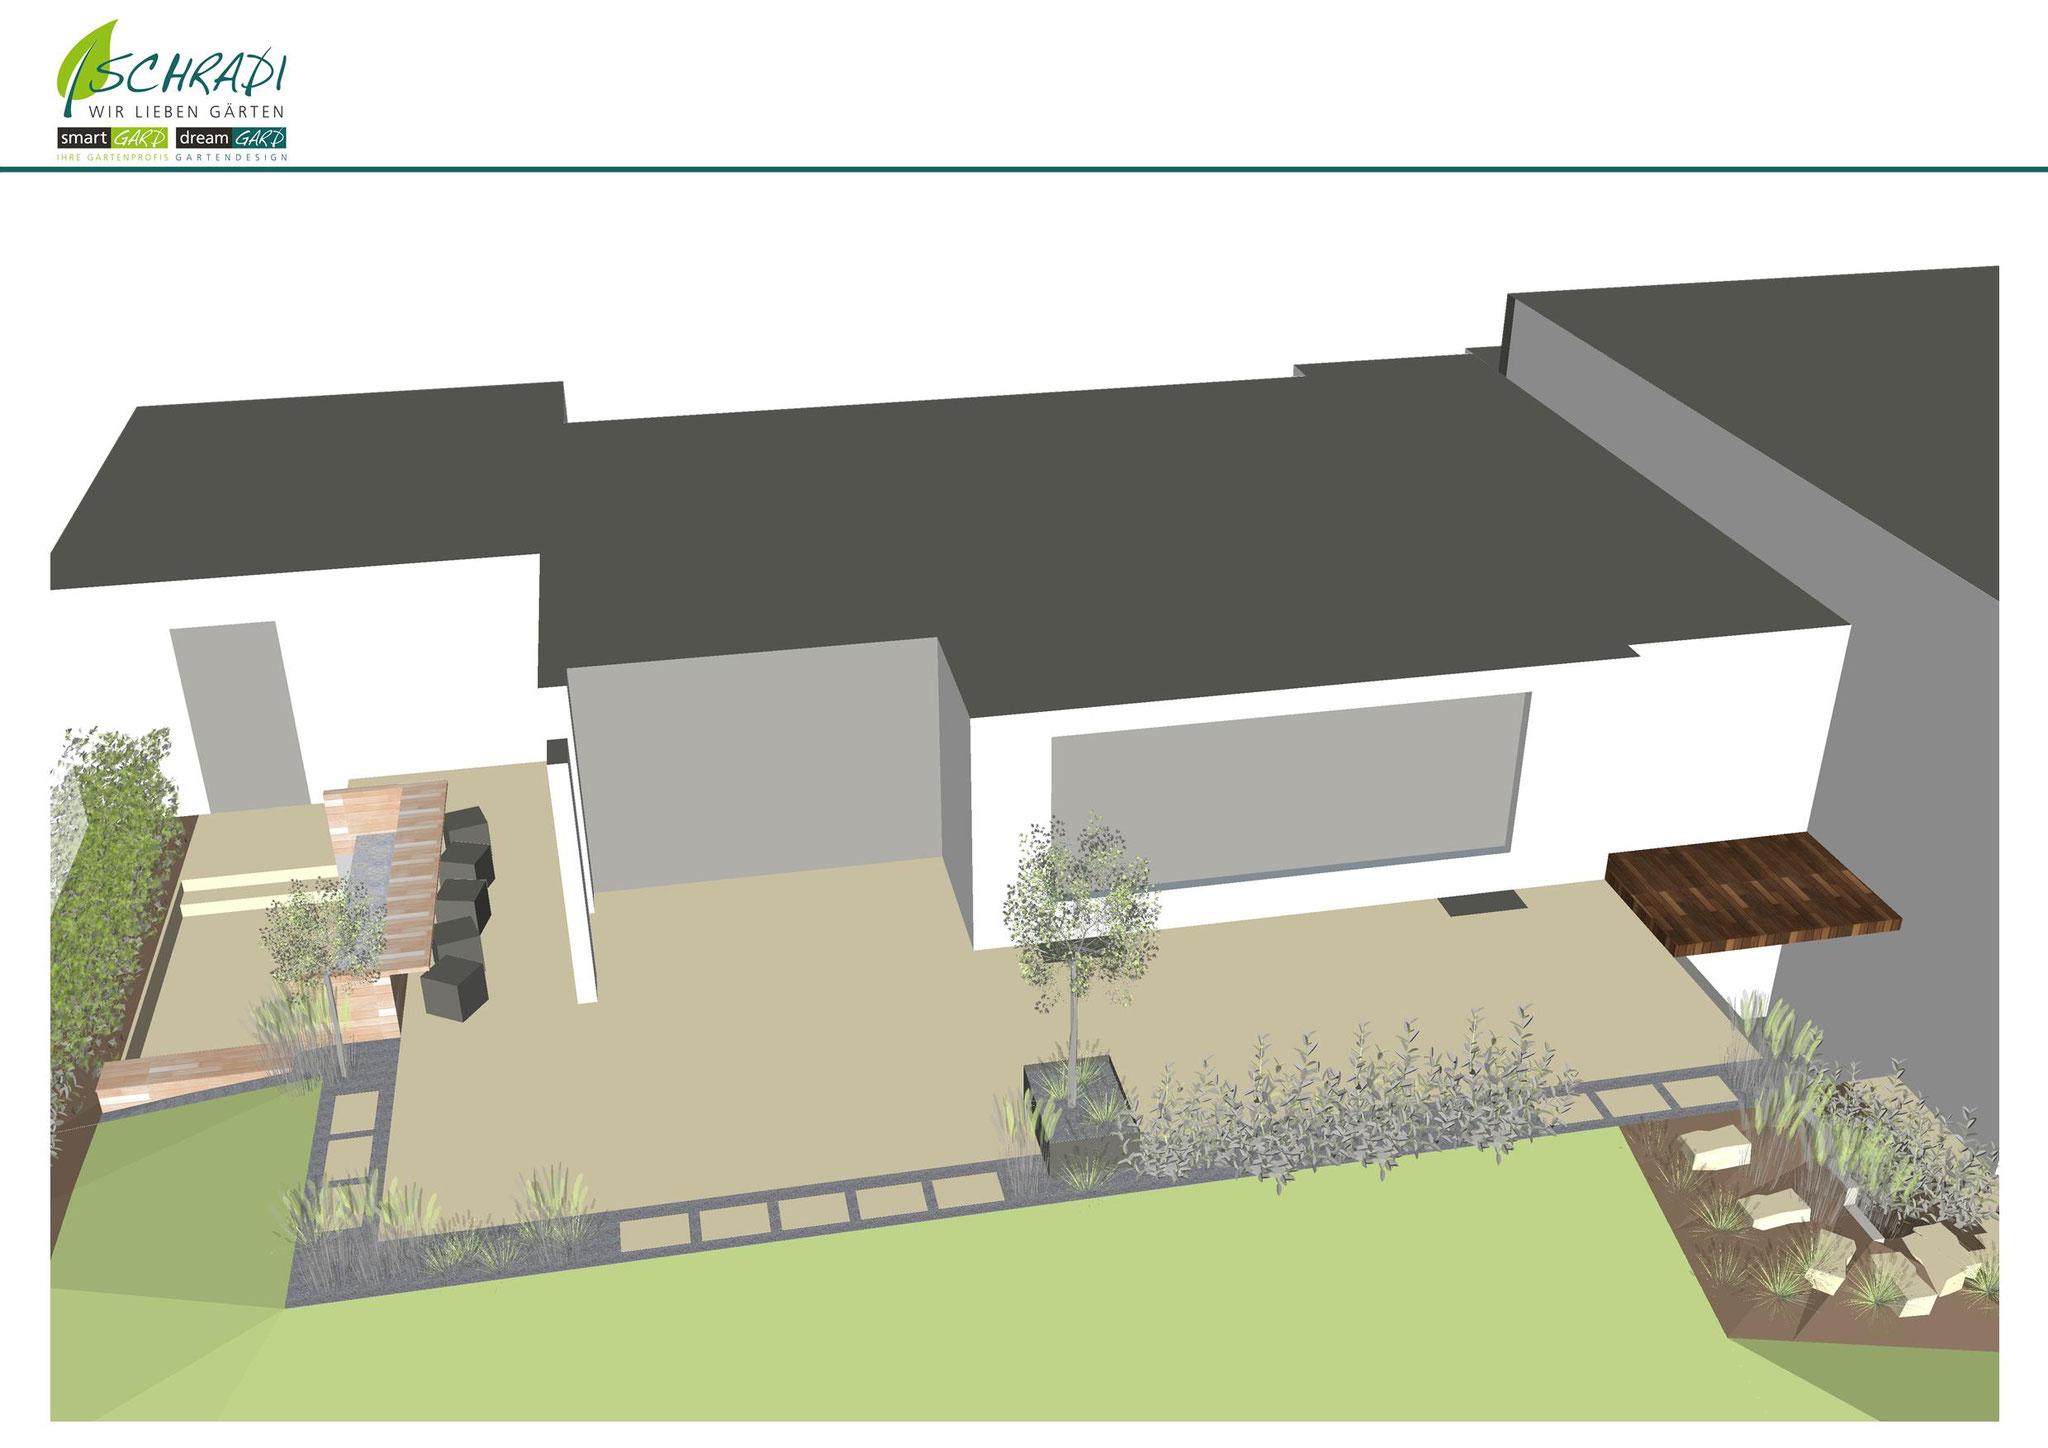 Gestaltung des Gartens in 3D